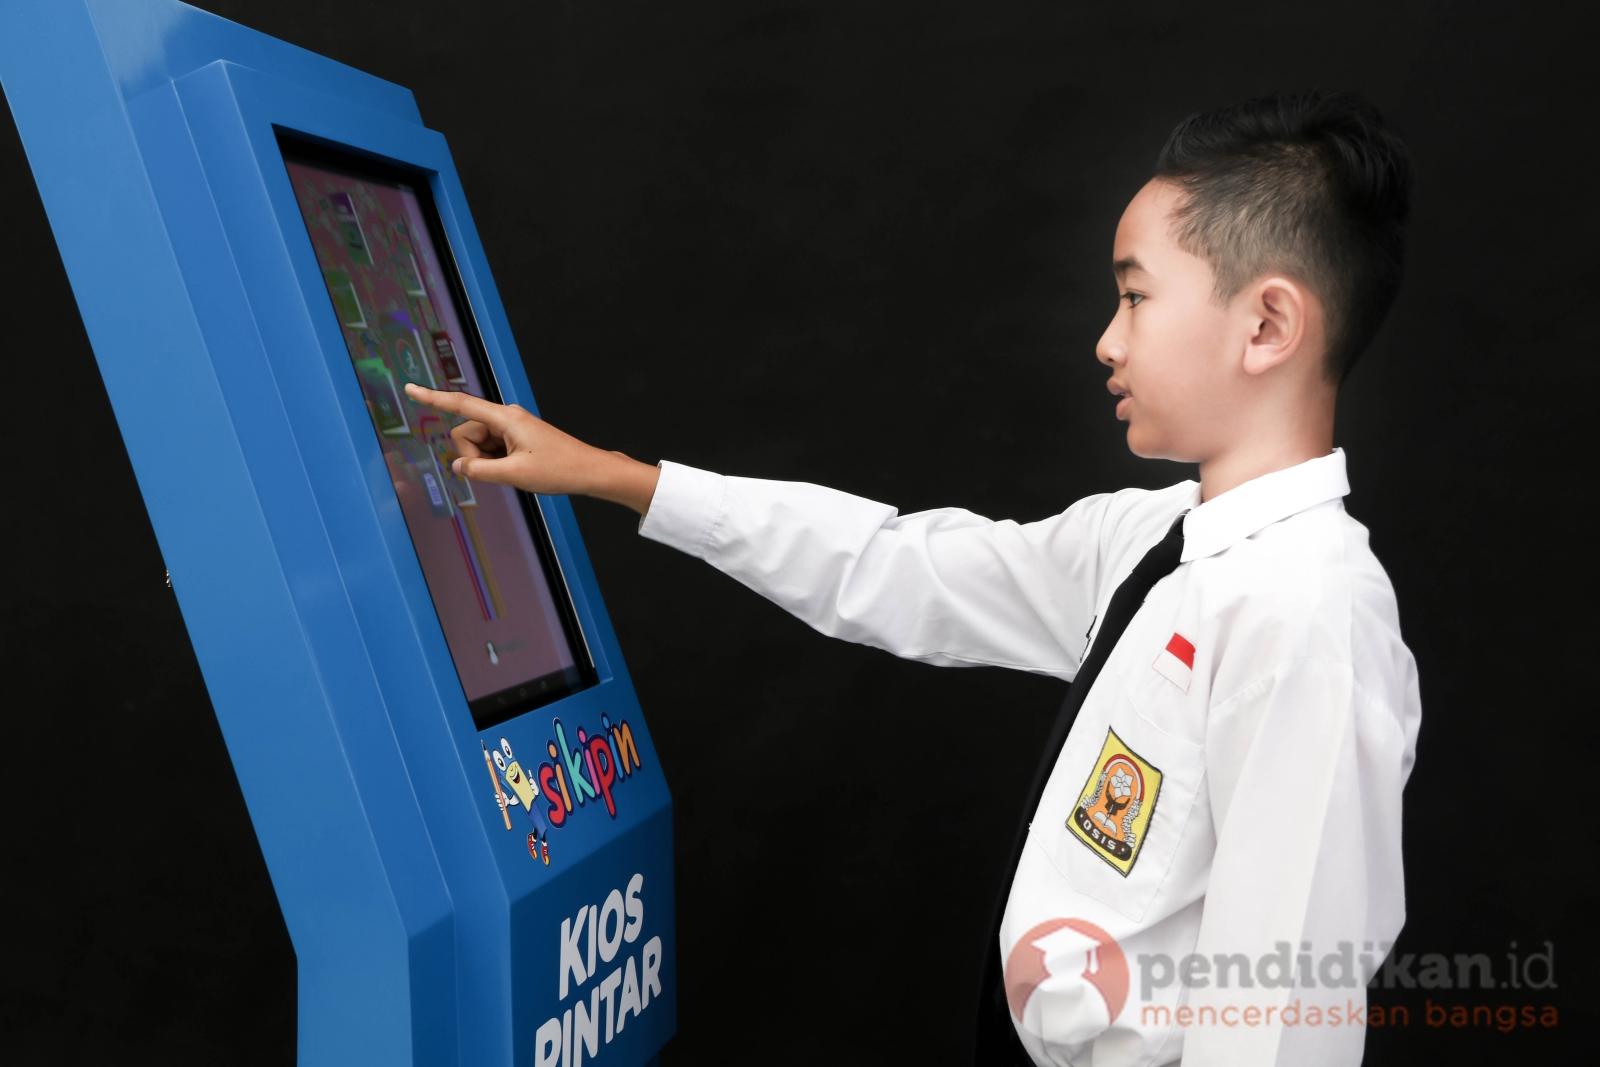 kipin-kios-pintar-membawa-perubahan-belajar-siswa-indonesia